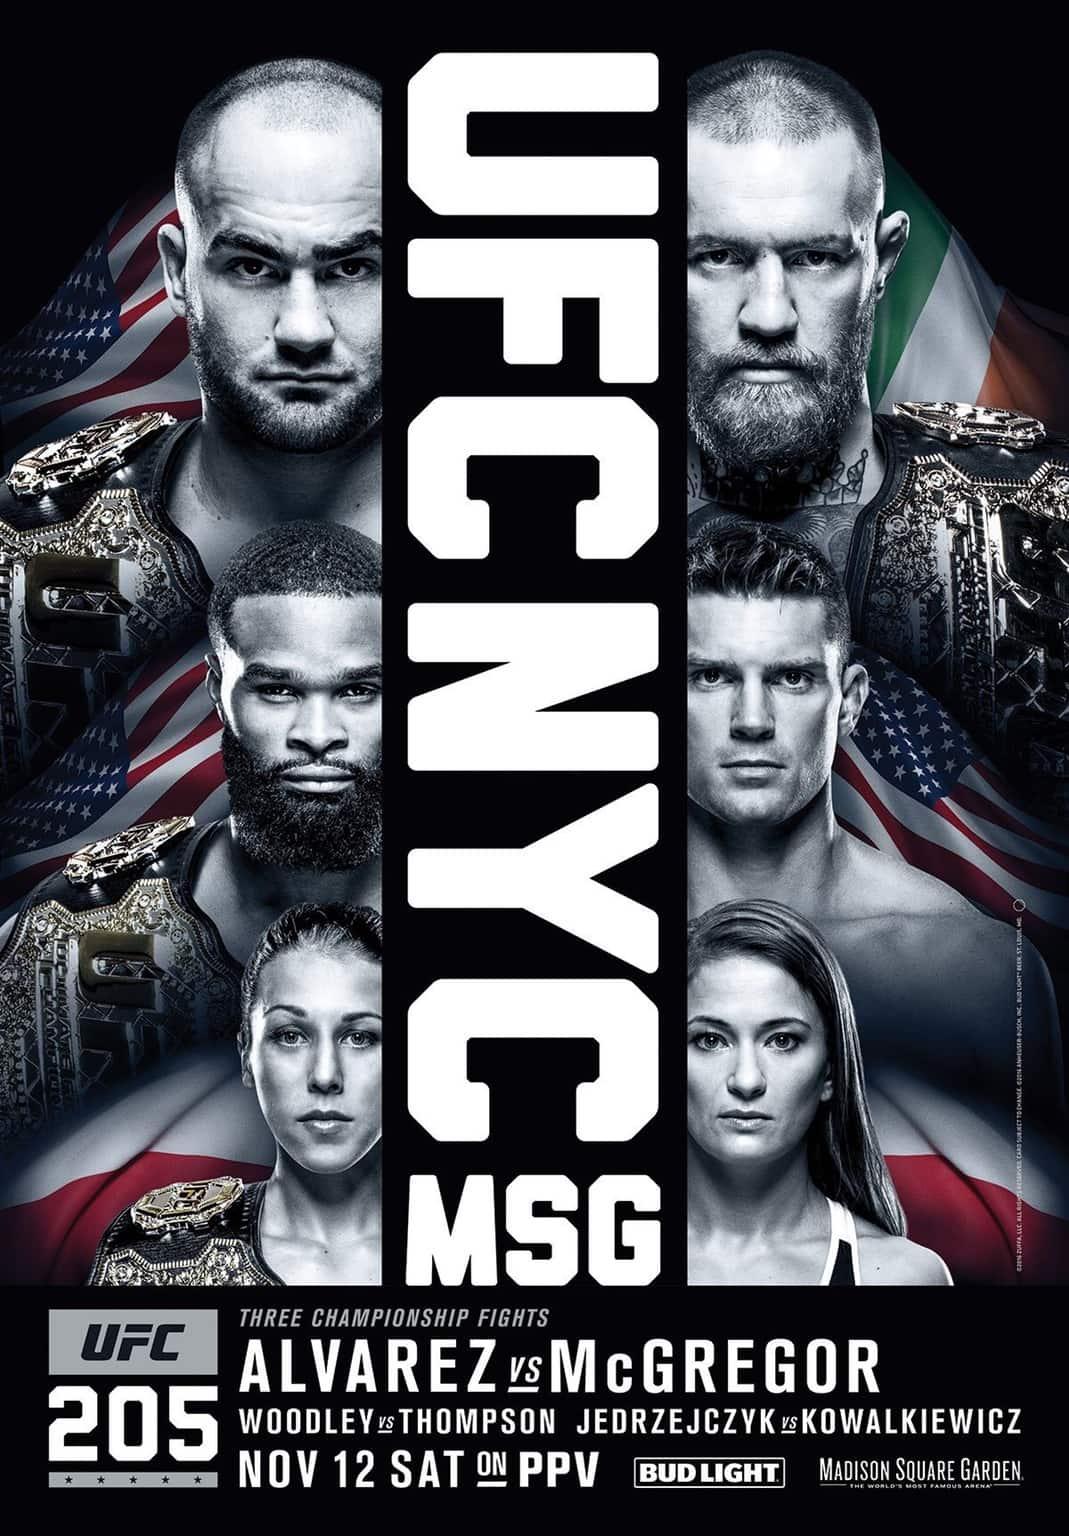 Póster Oficial de UFC 205: Alvarez vs. McGregor